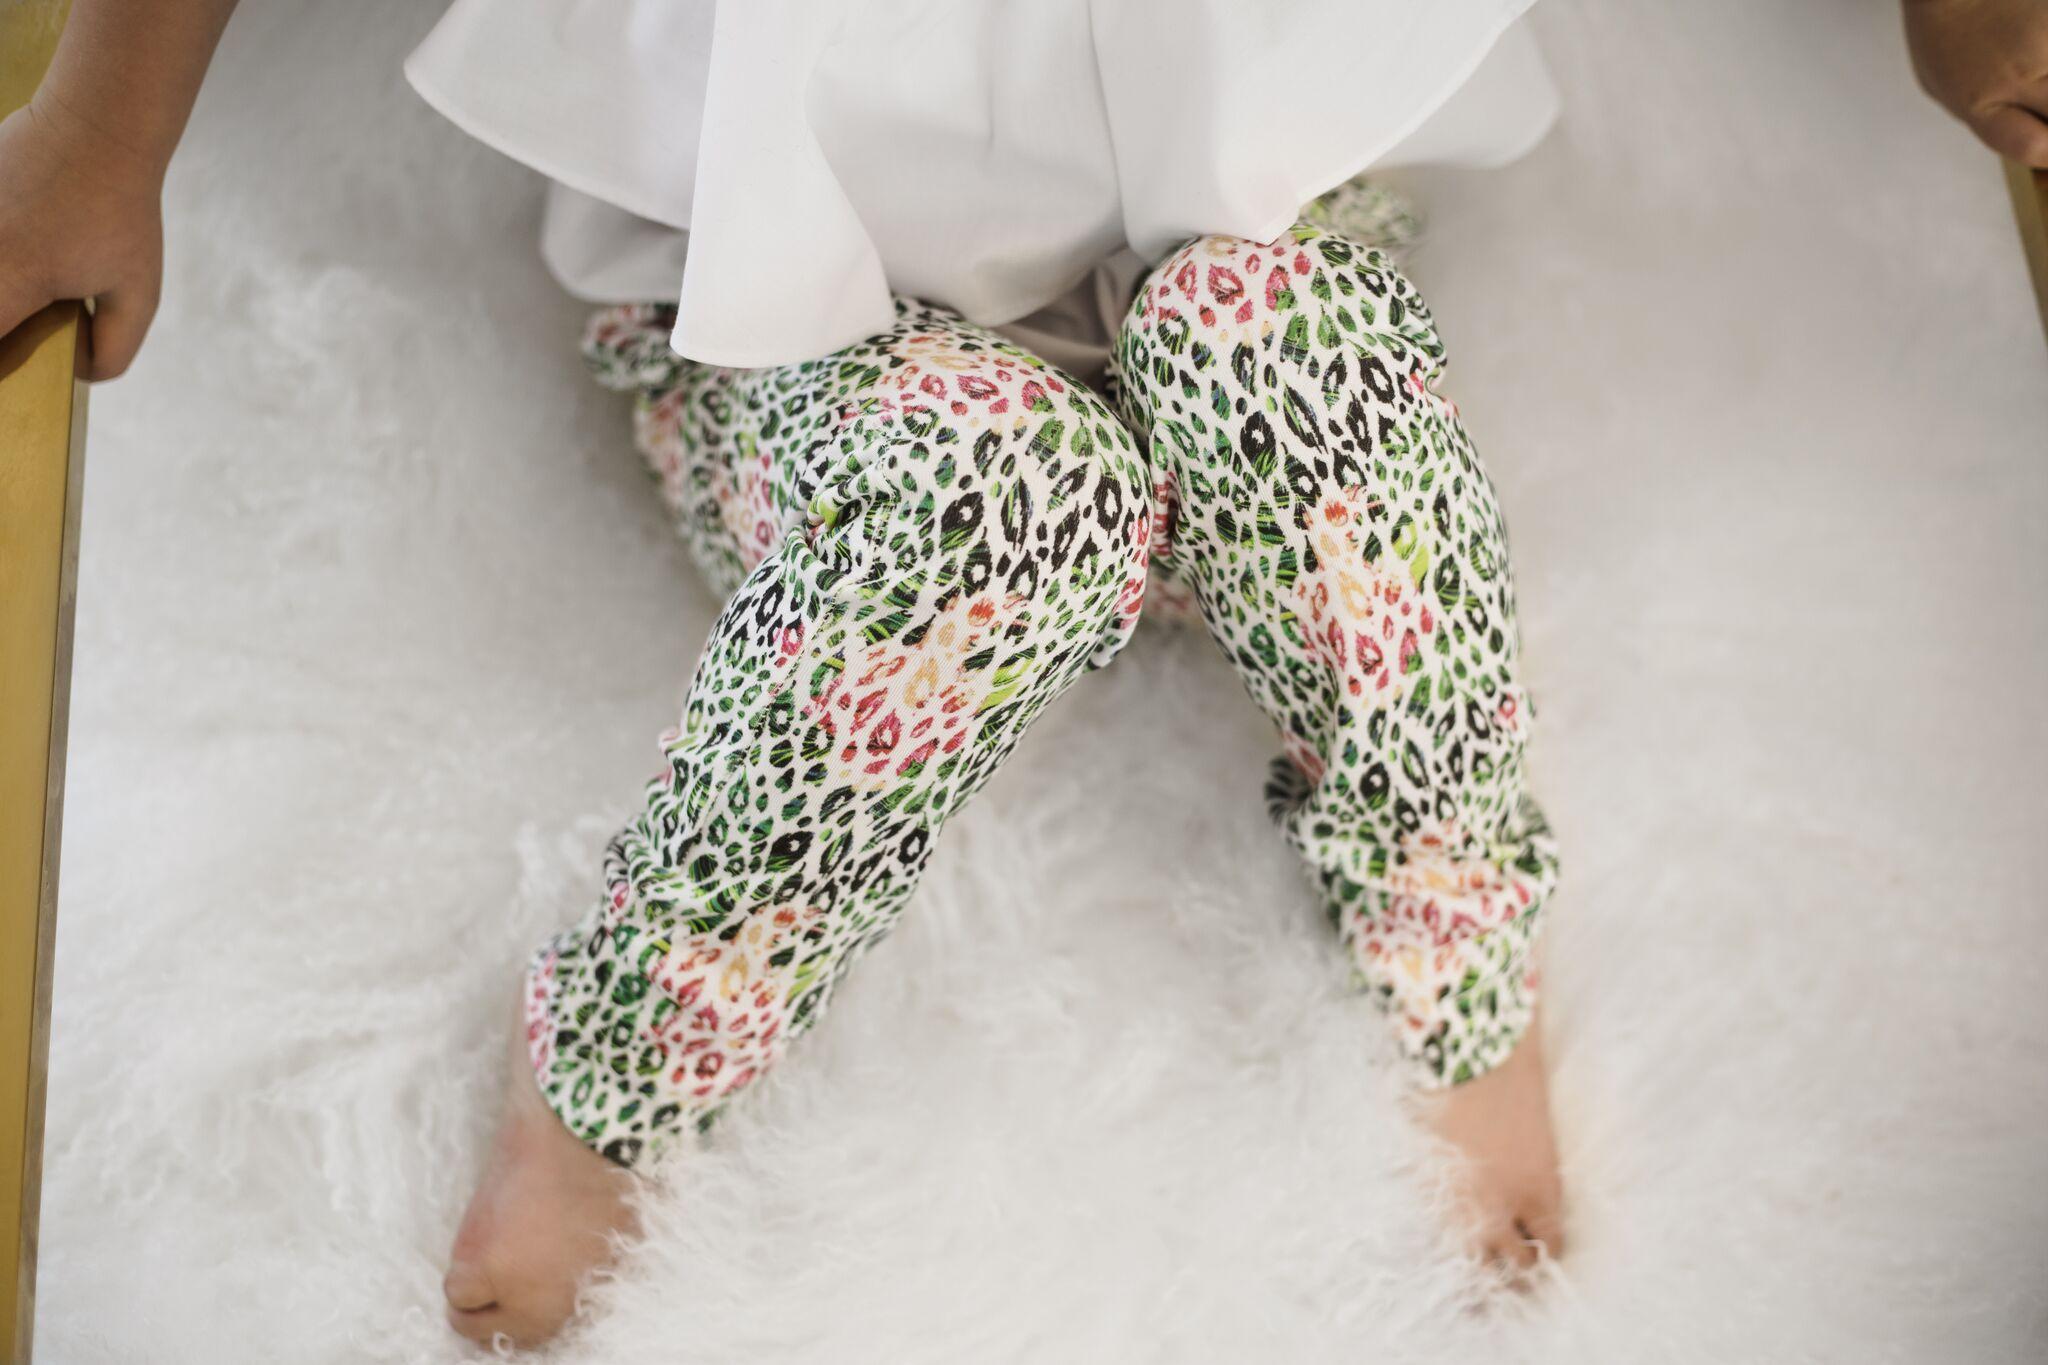 Lot801 baby and toddler tropical cheetah pants